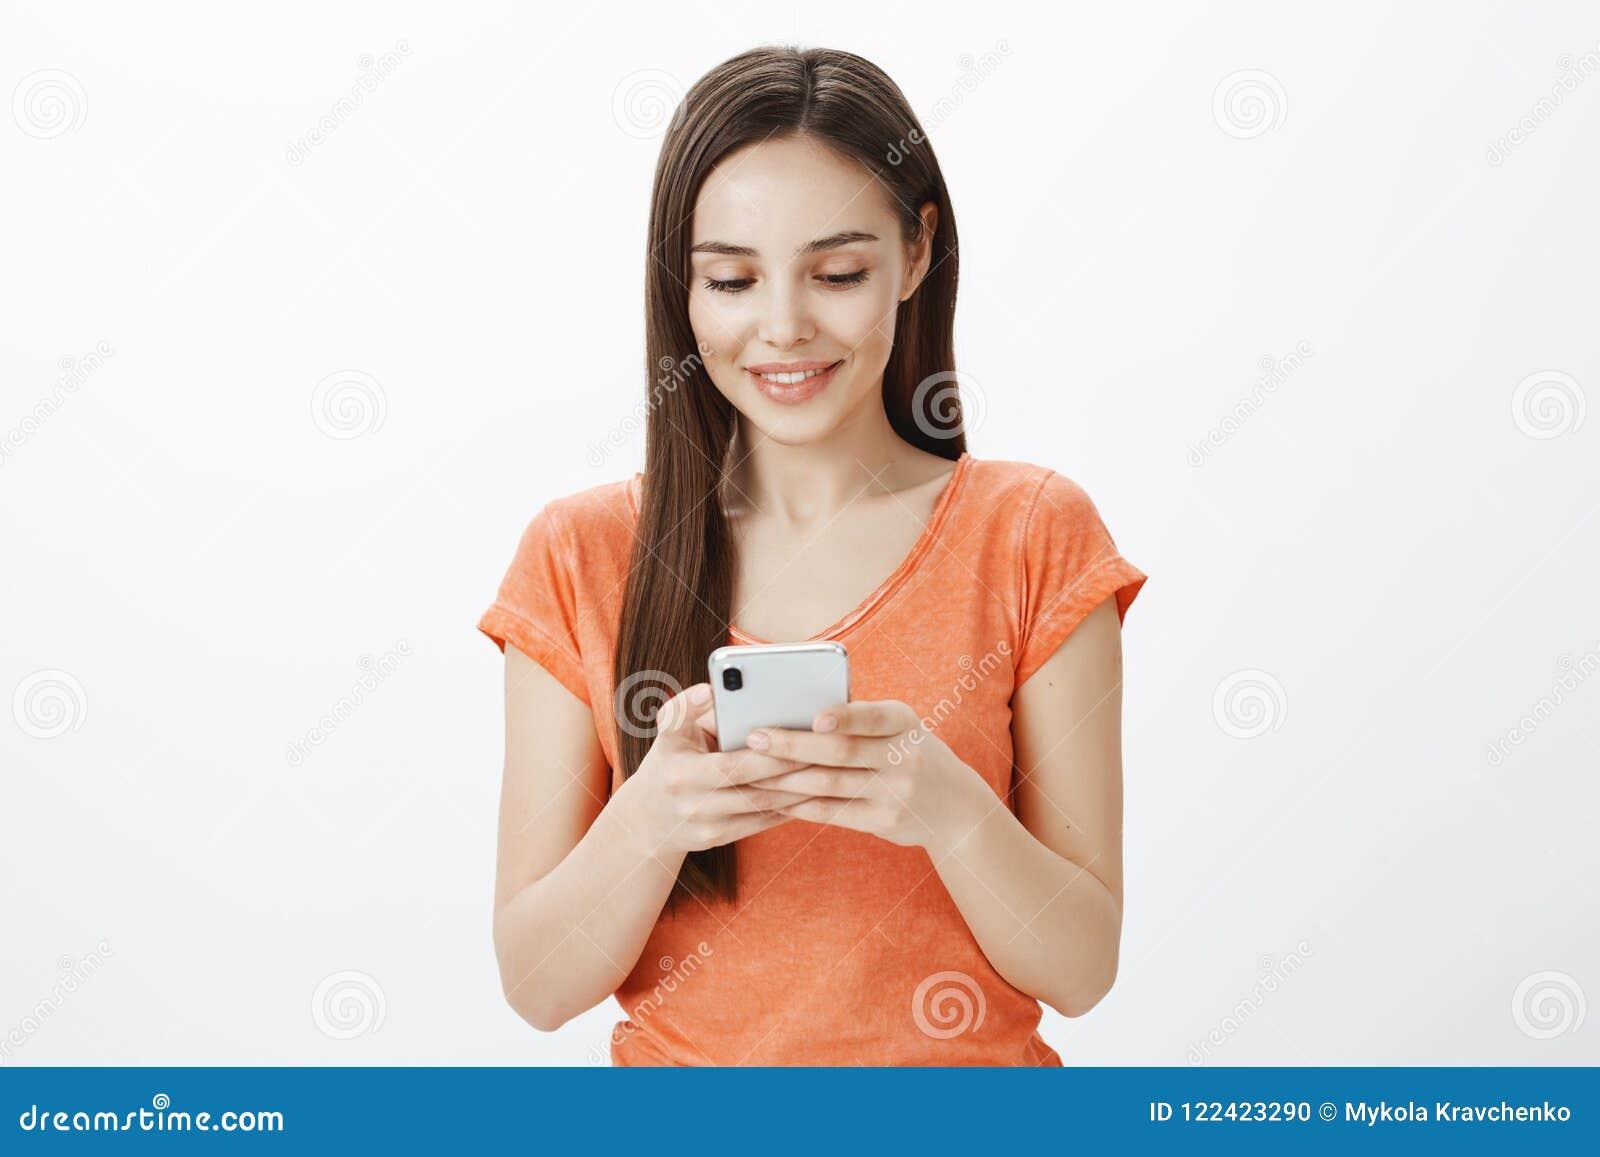 Το κορίτσι διαβάζει το χαριτωμένο μήνυμα στο φίλο, που μένει καταπληκτικό με τις γλυκές λέξεις Εσωτερικός πυροβολισμός της ευτυχο